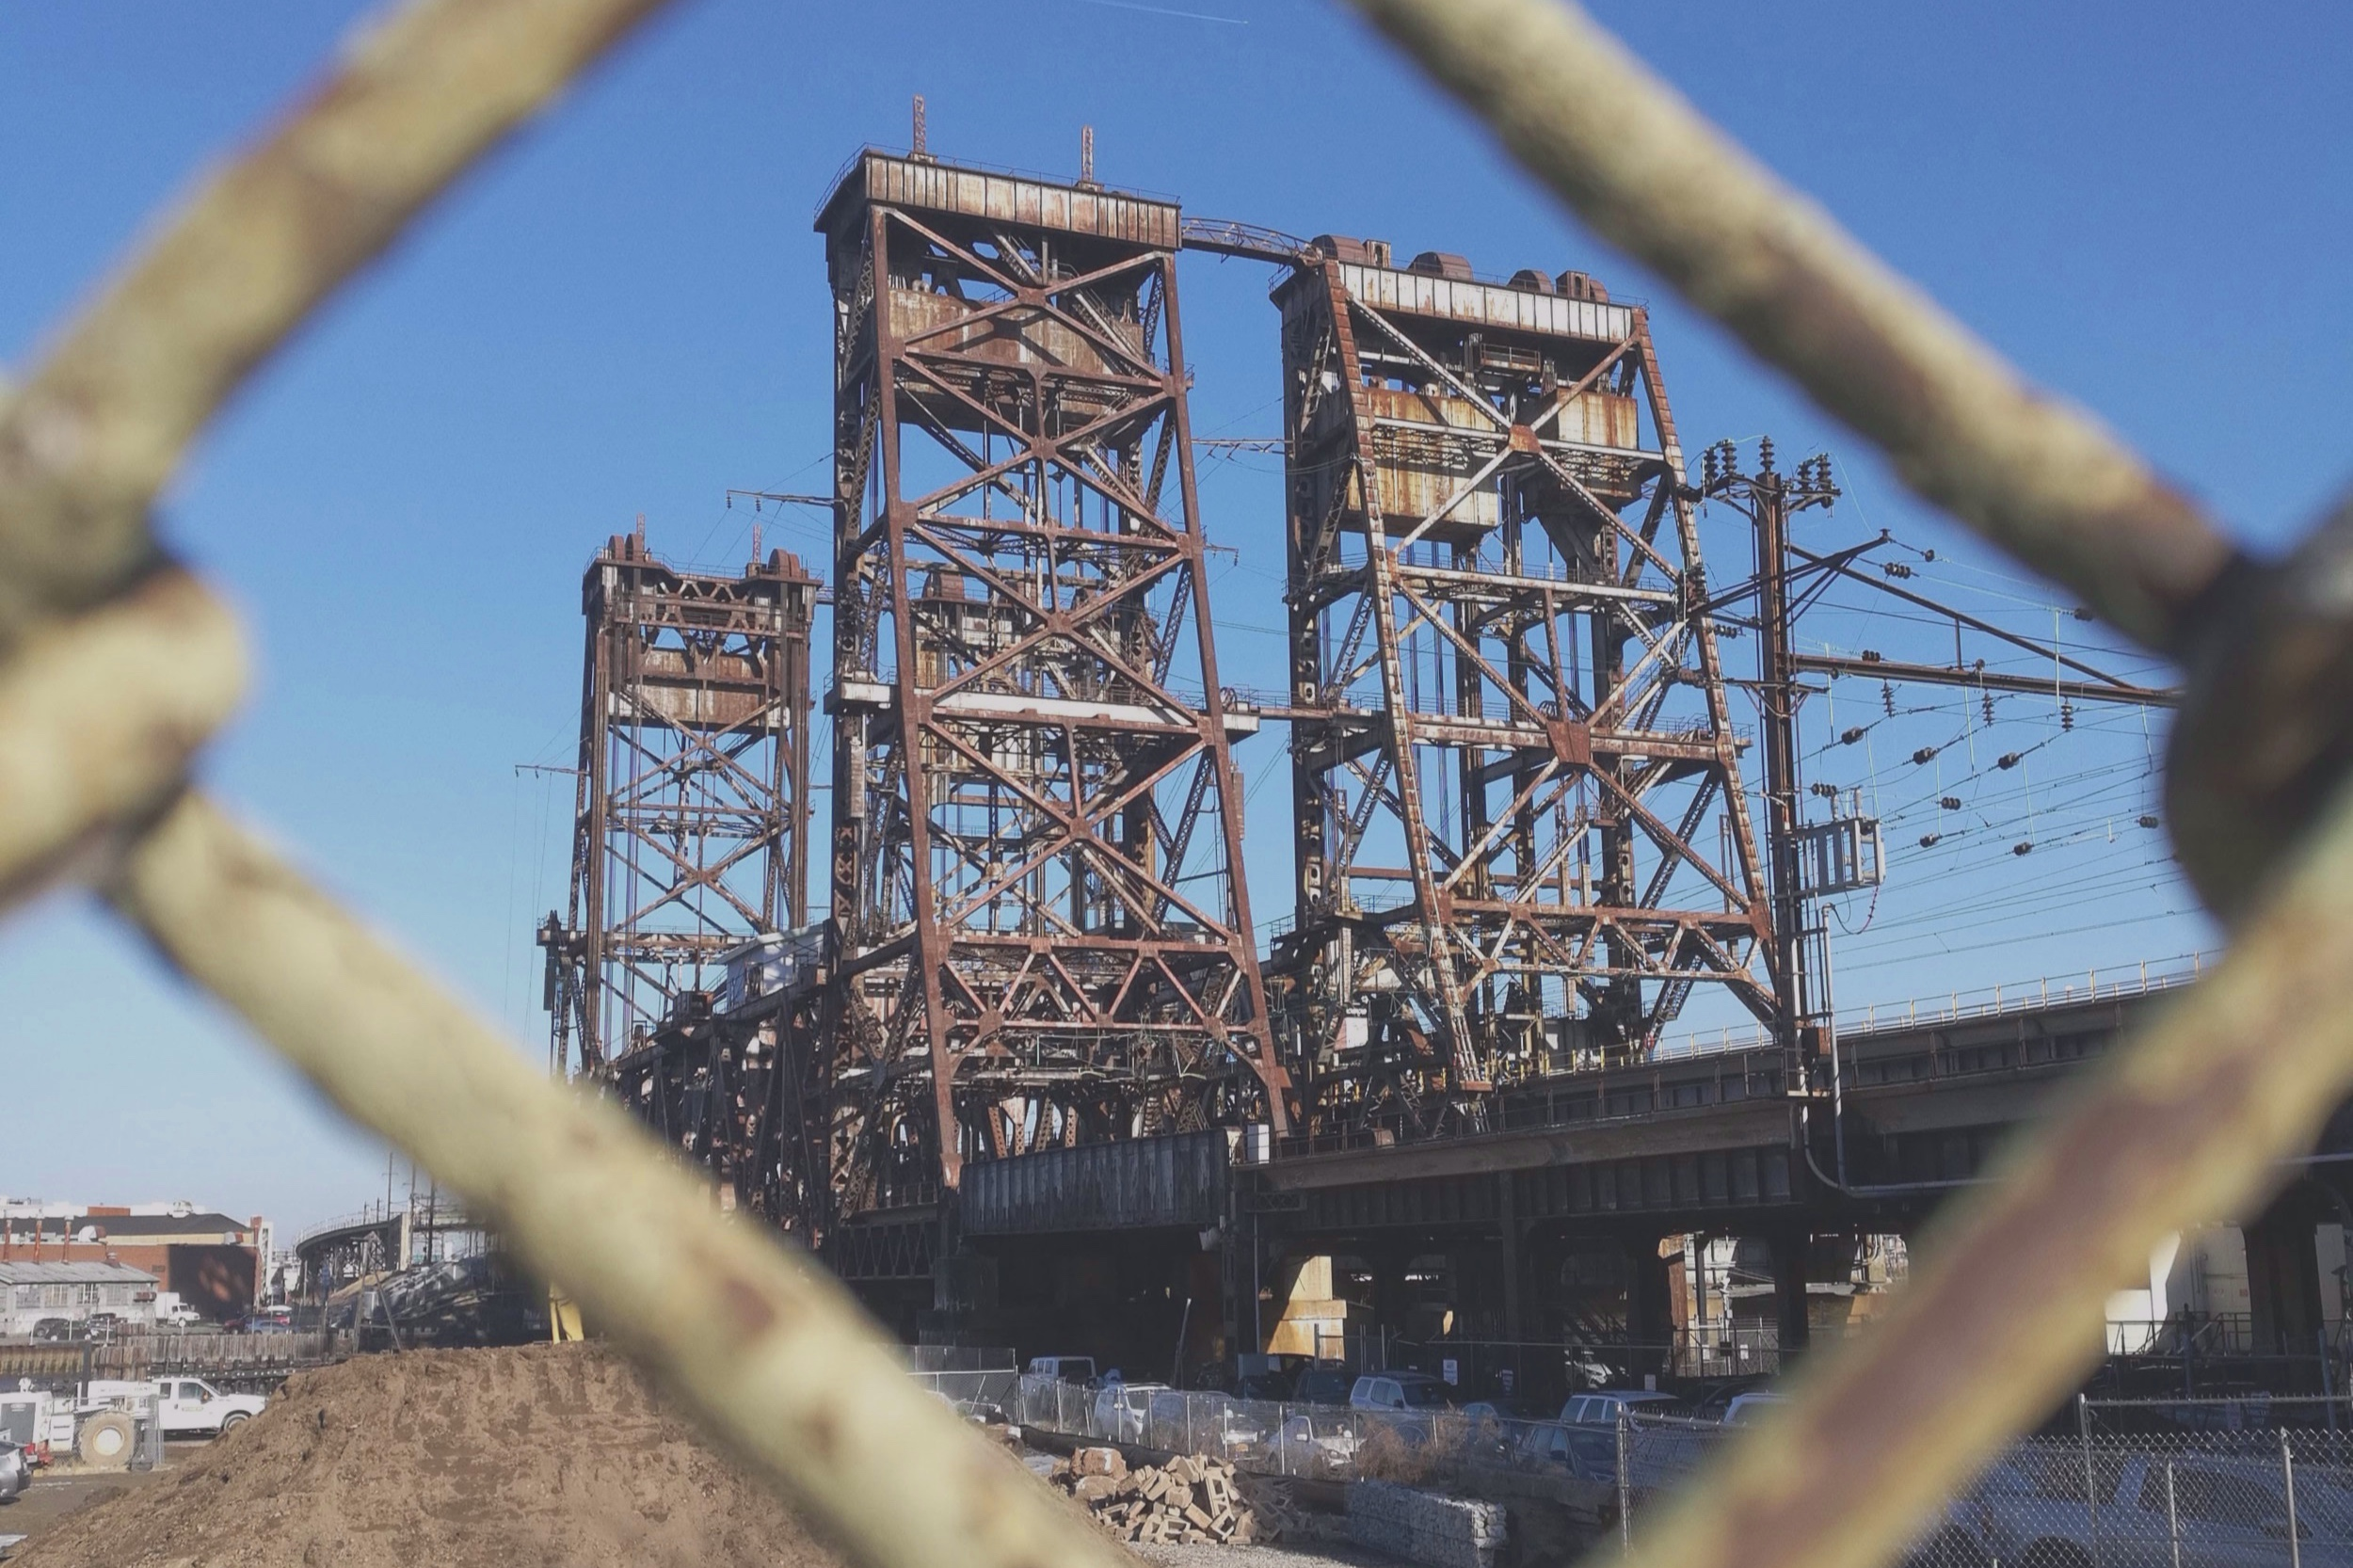 Newark, NJ - 02.04.19 to 02.06.19